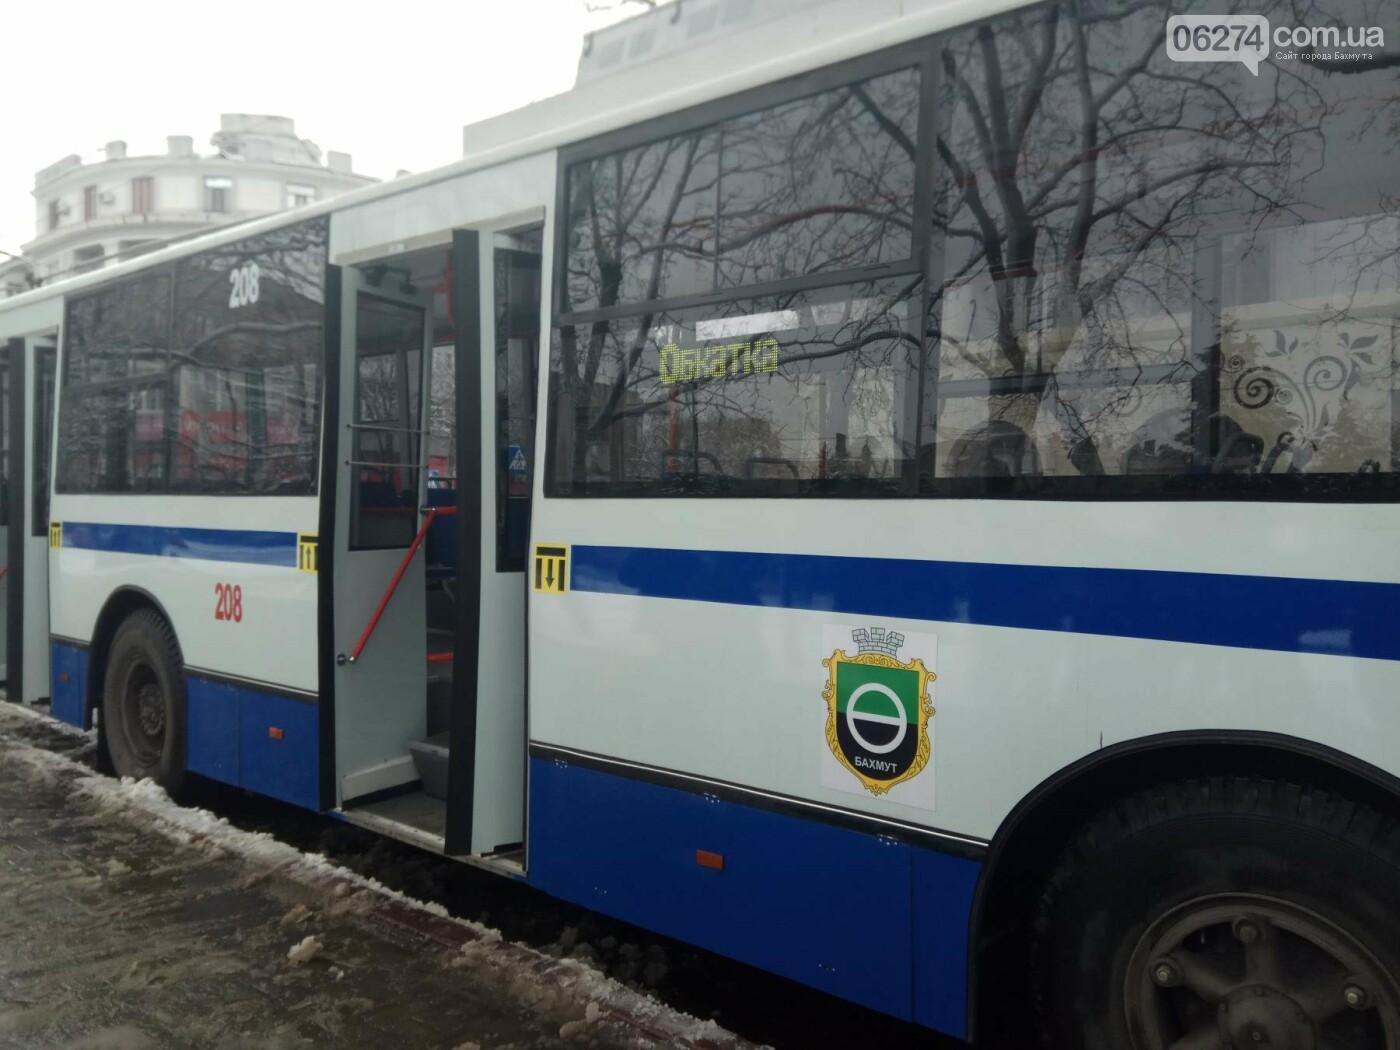 В Бахмуте презентовали капитально отремонтированный троллейбус (ФОТО), фото-3